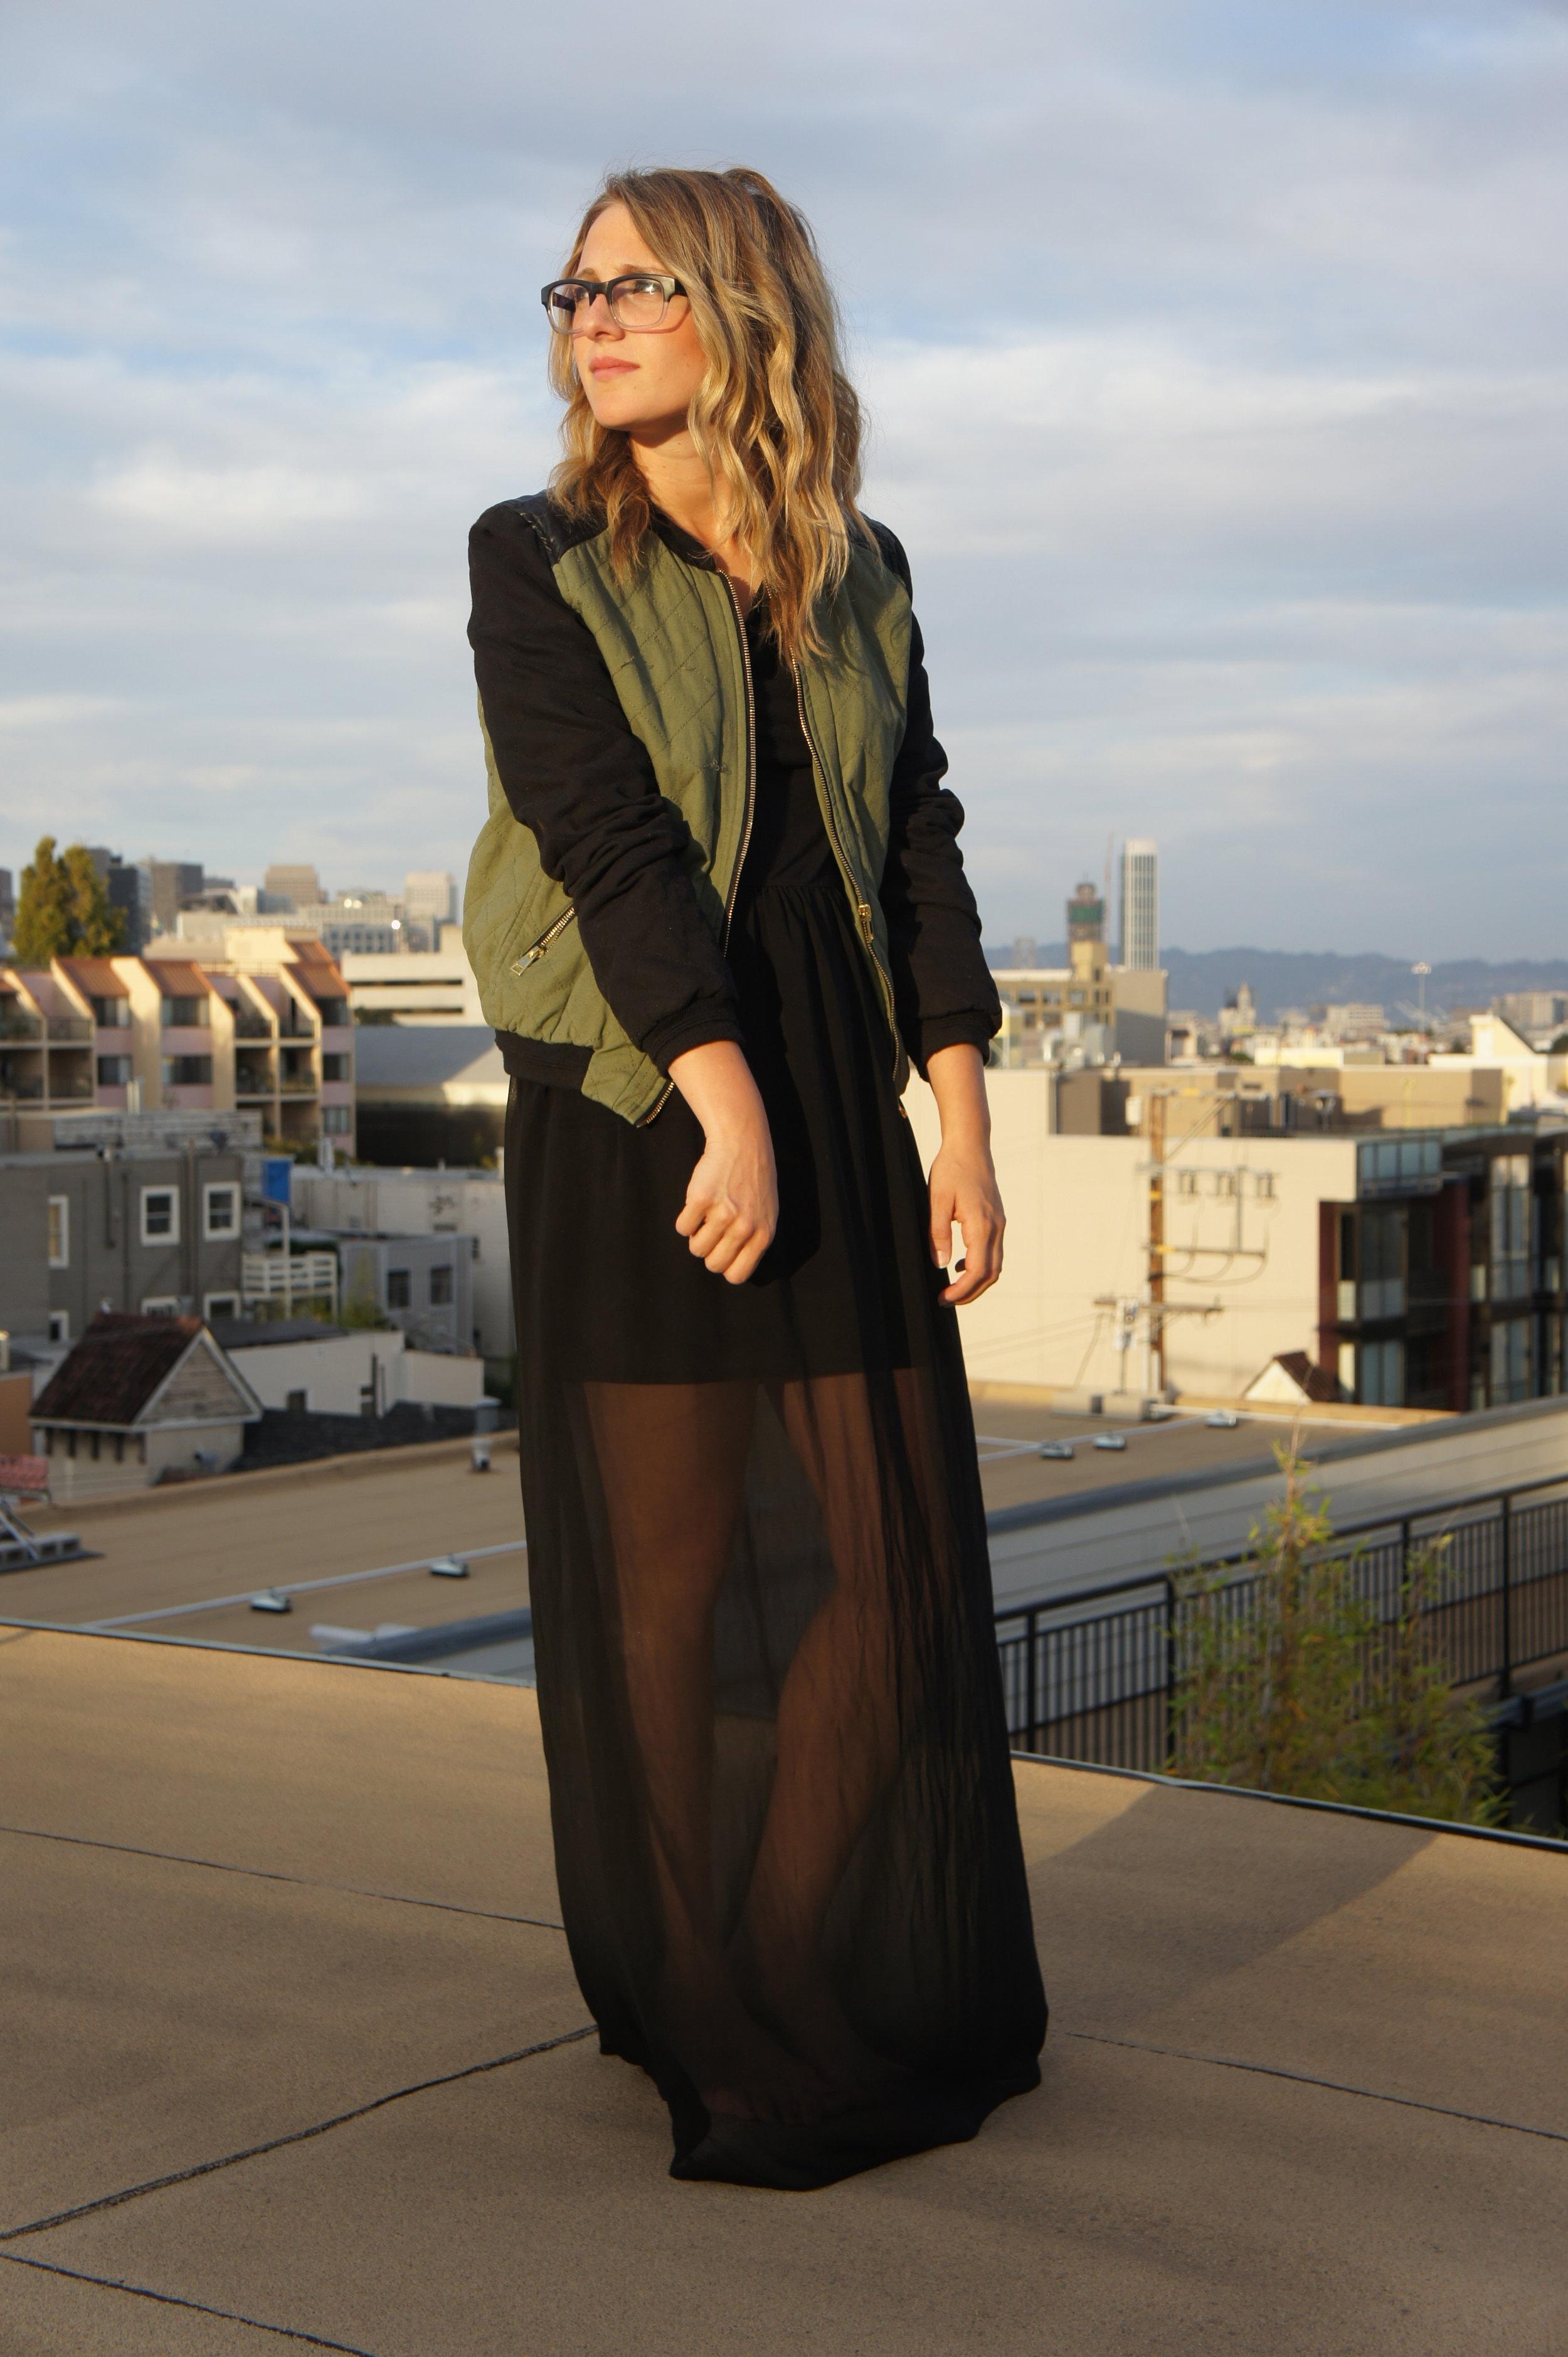 Jacket: Nasty Gal | Dress: F21